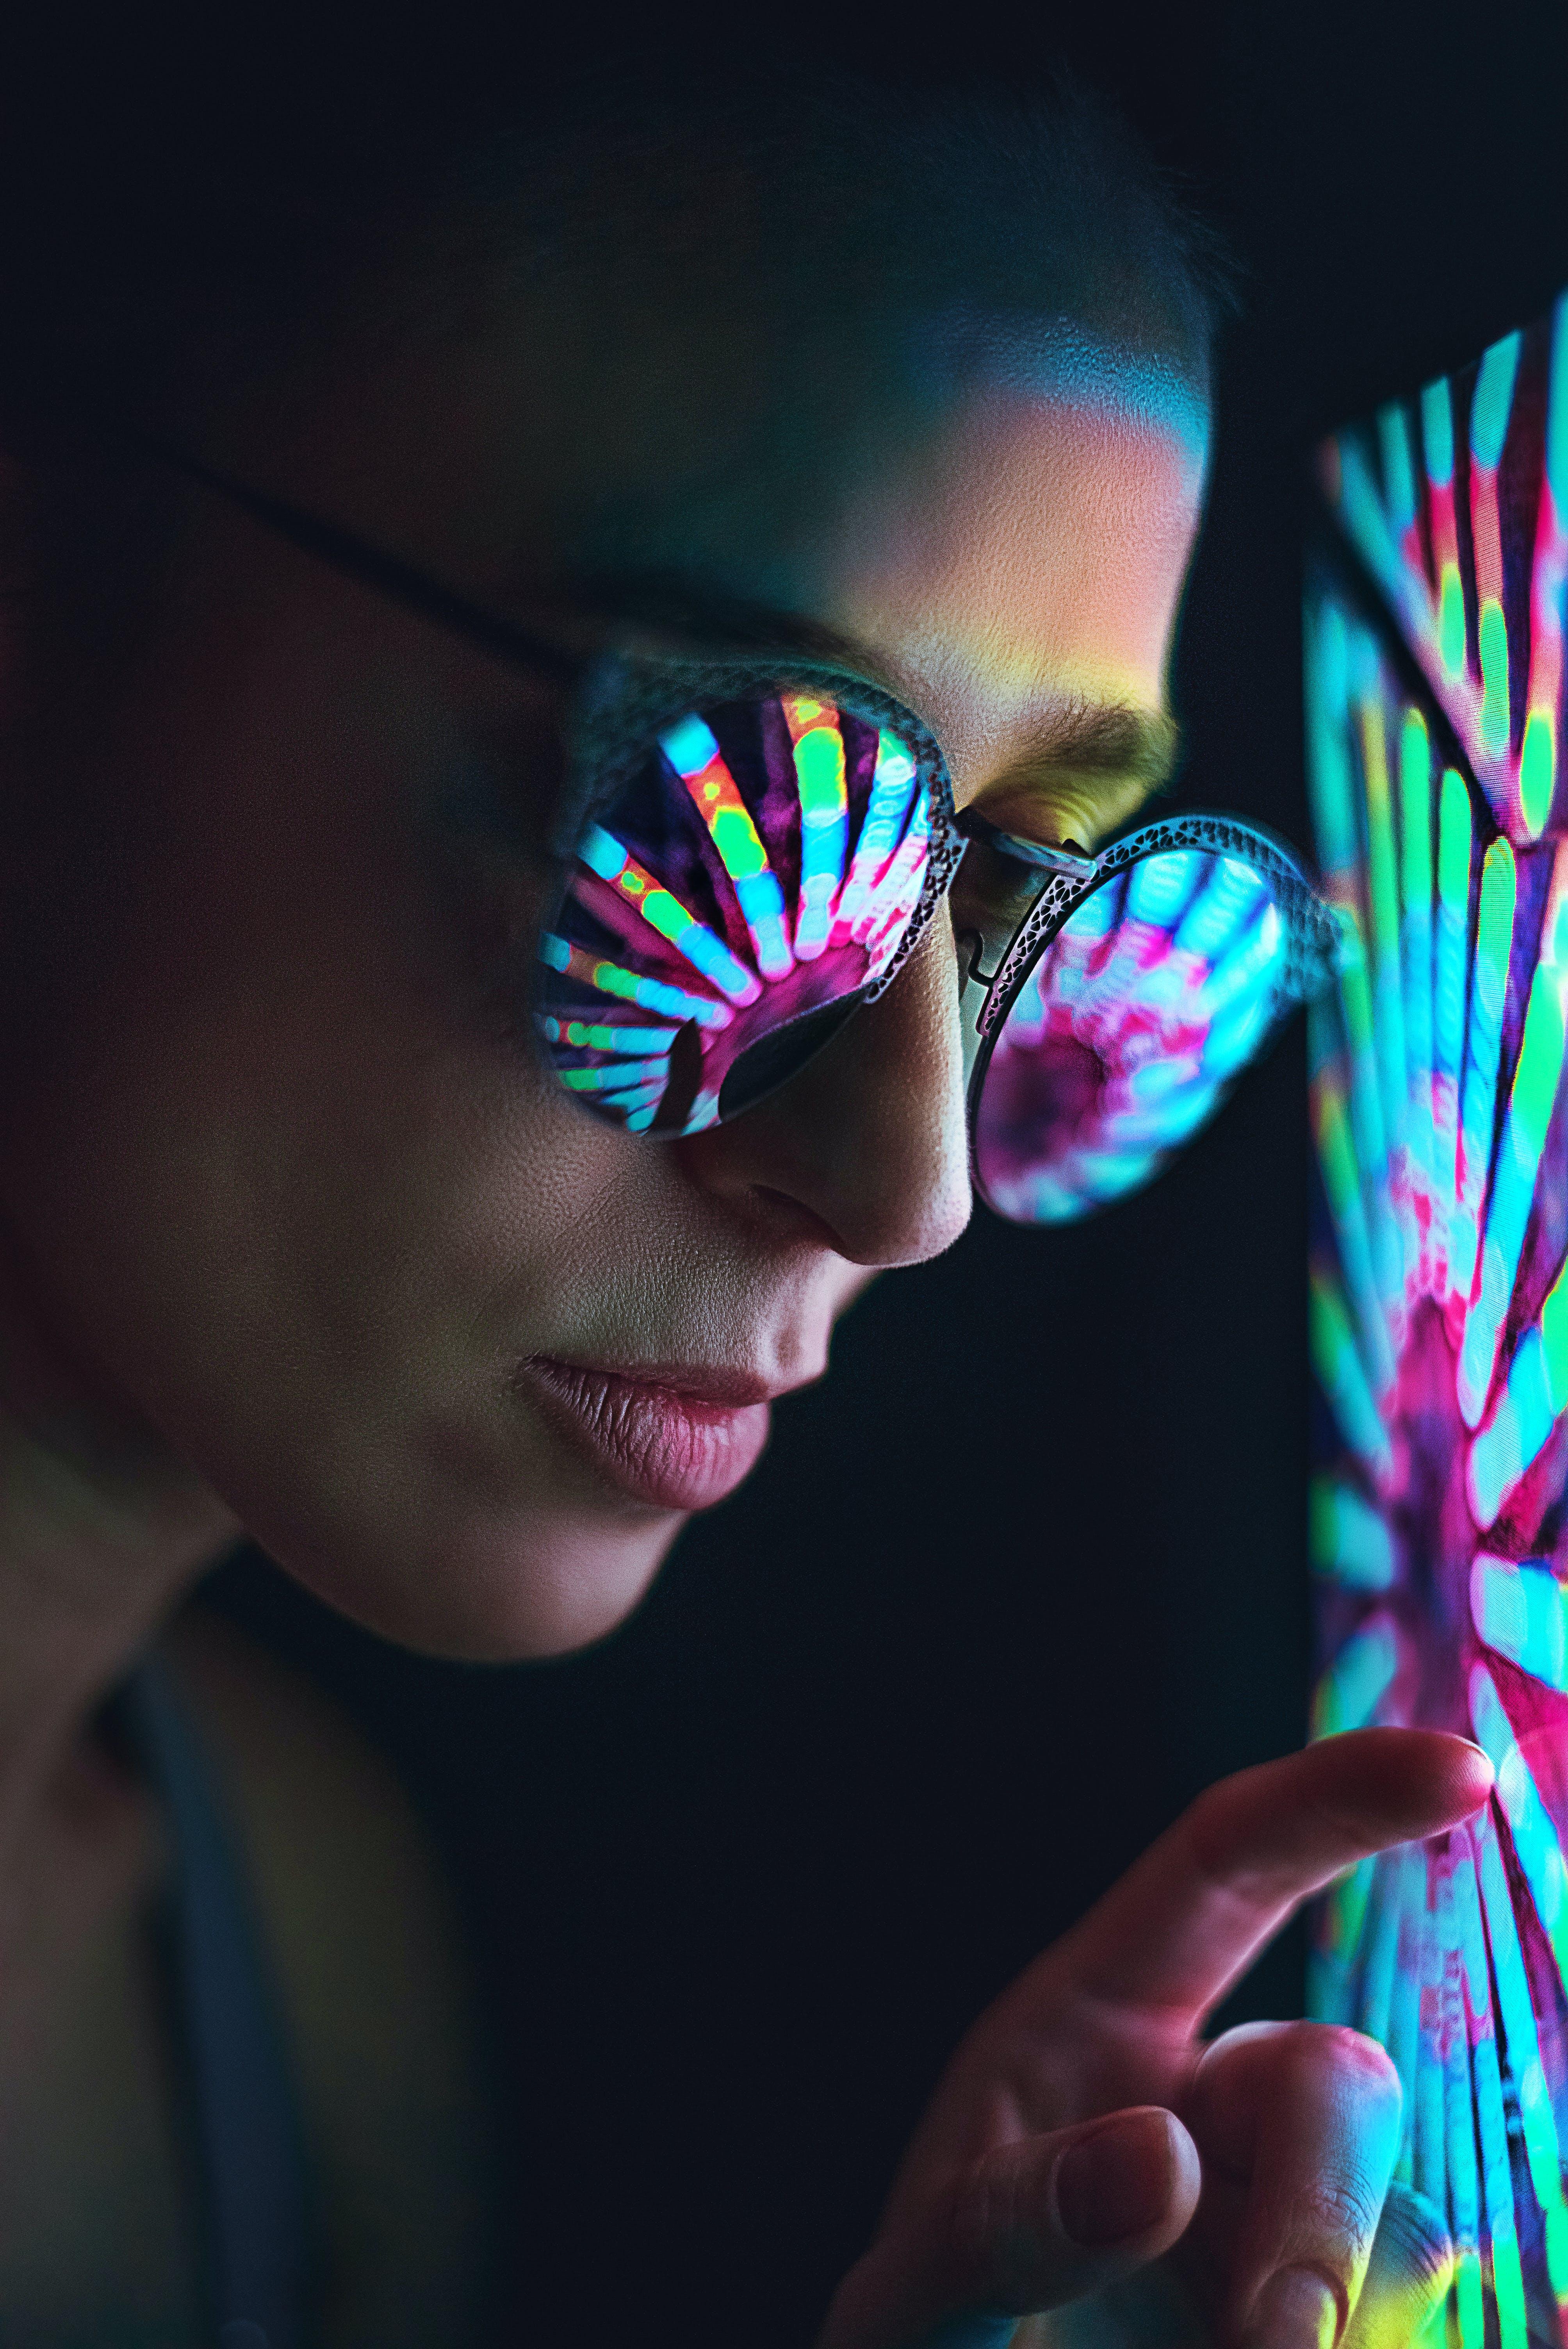 네온 불빛, 반사, 사람, 선글라스의 무료 스톡 사진